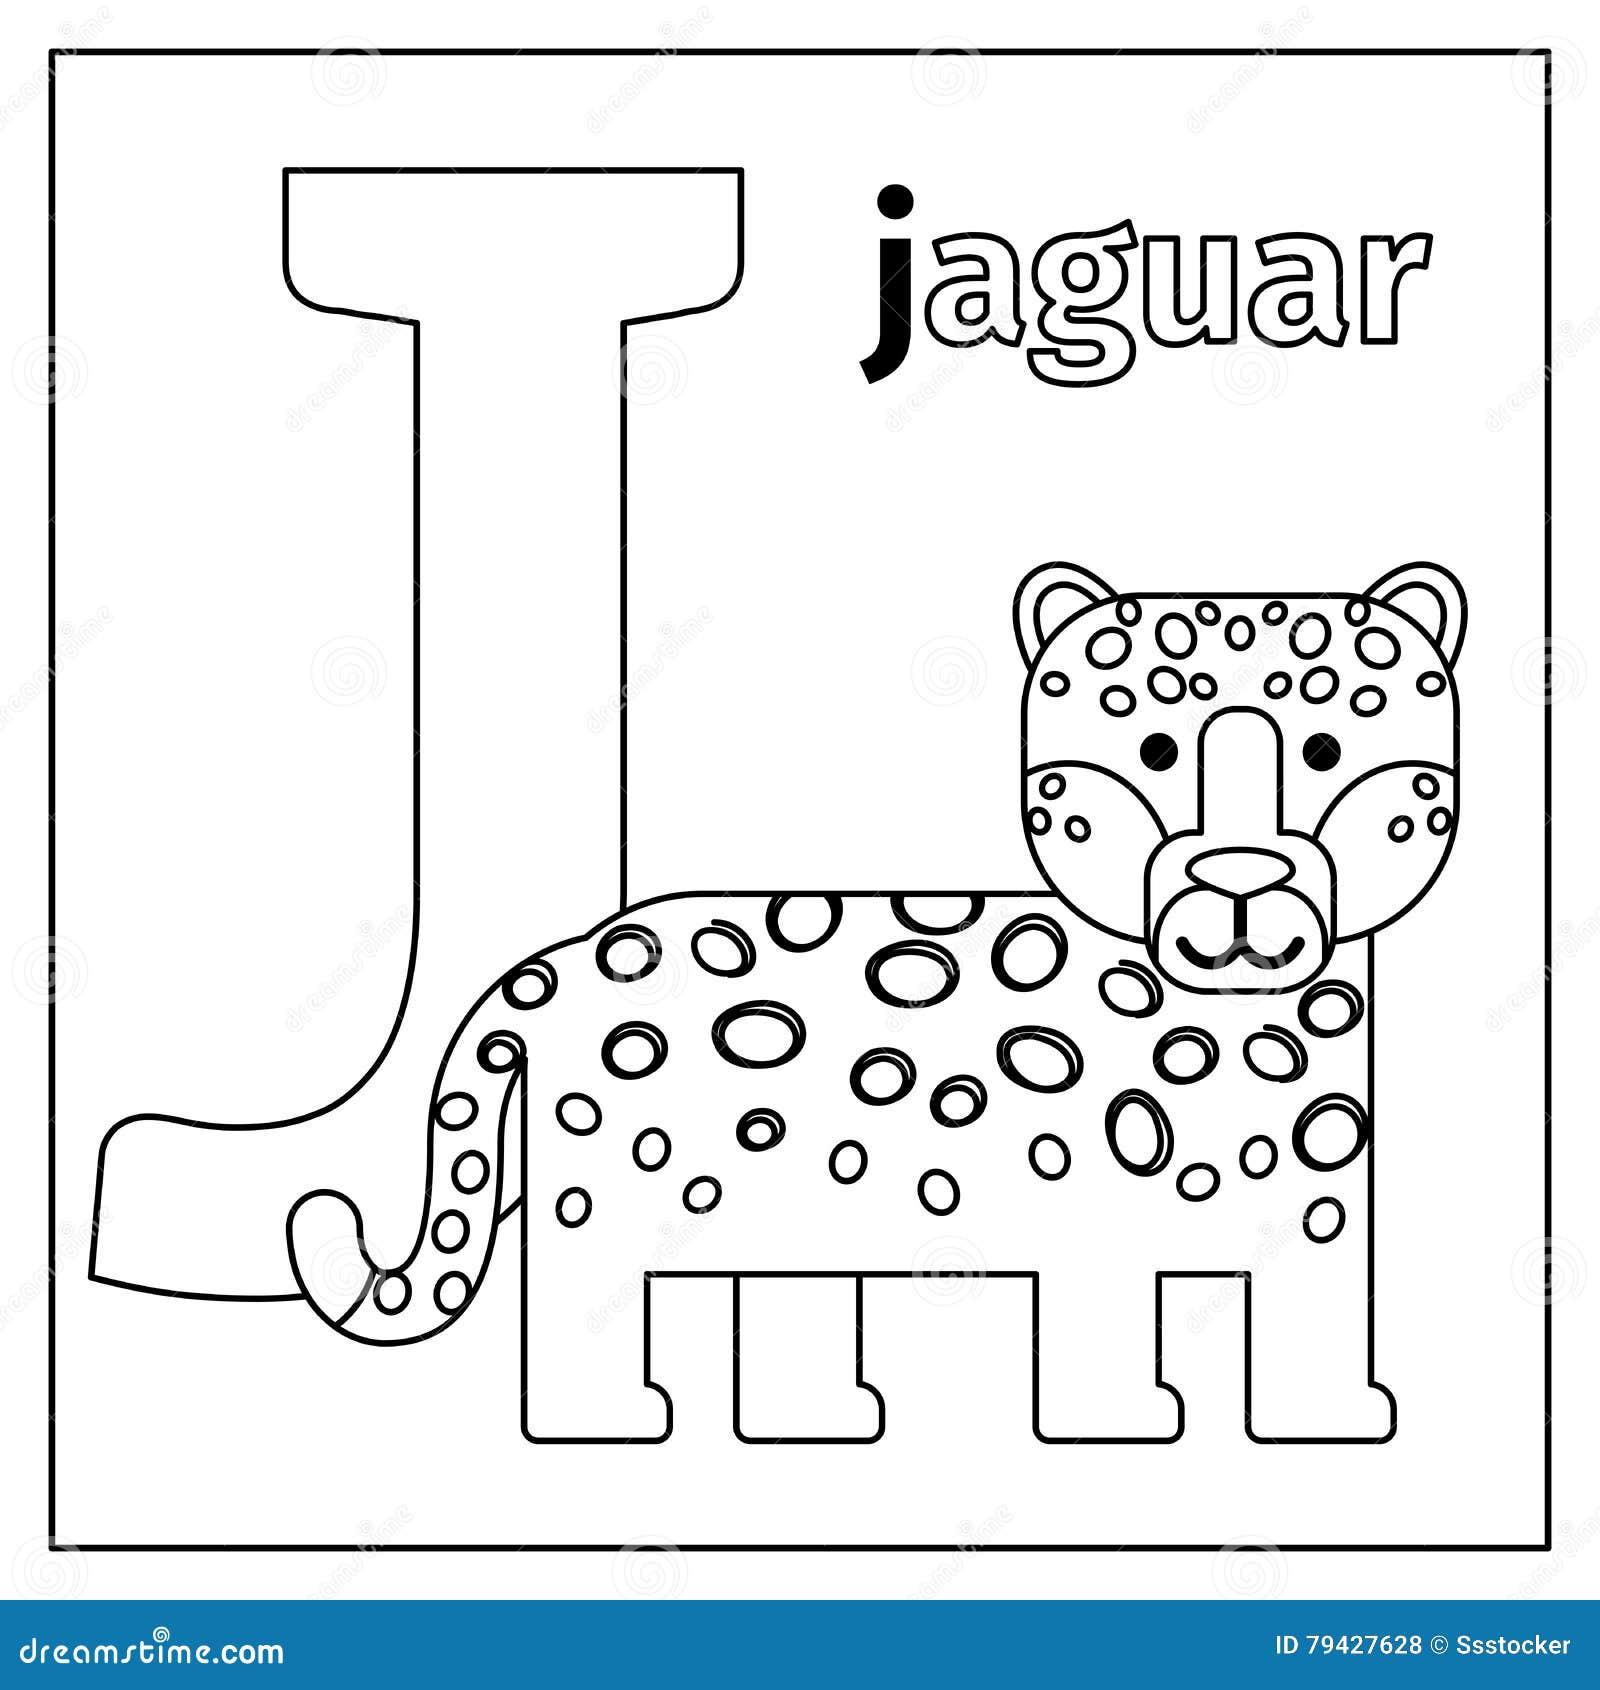 Jaguar Letter J Coloring Page